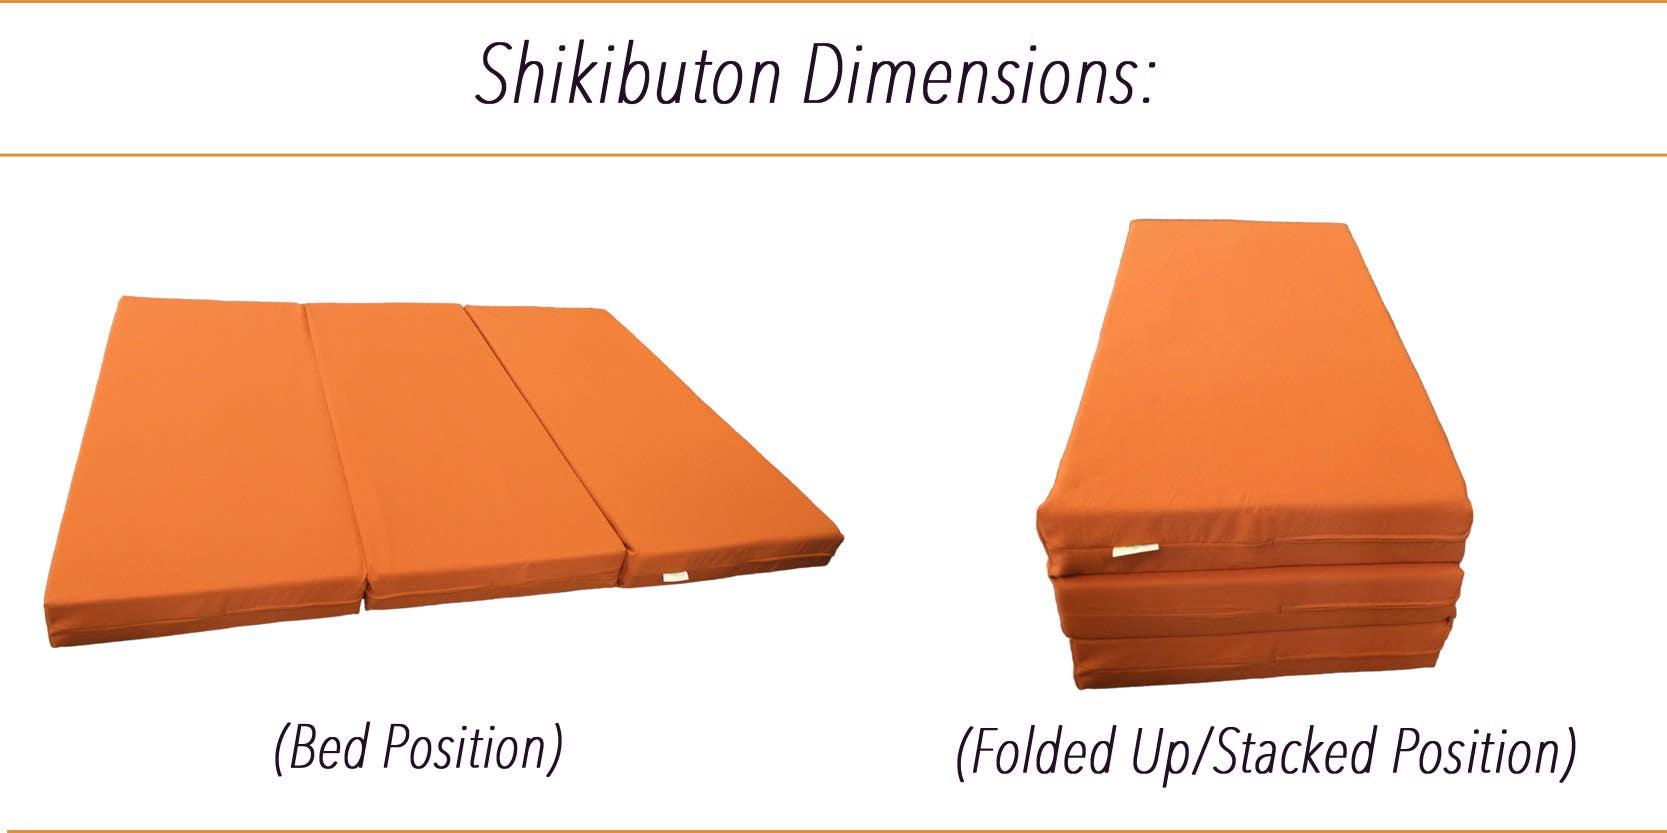 Shikibuton